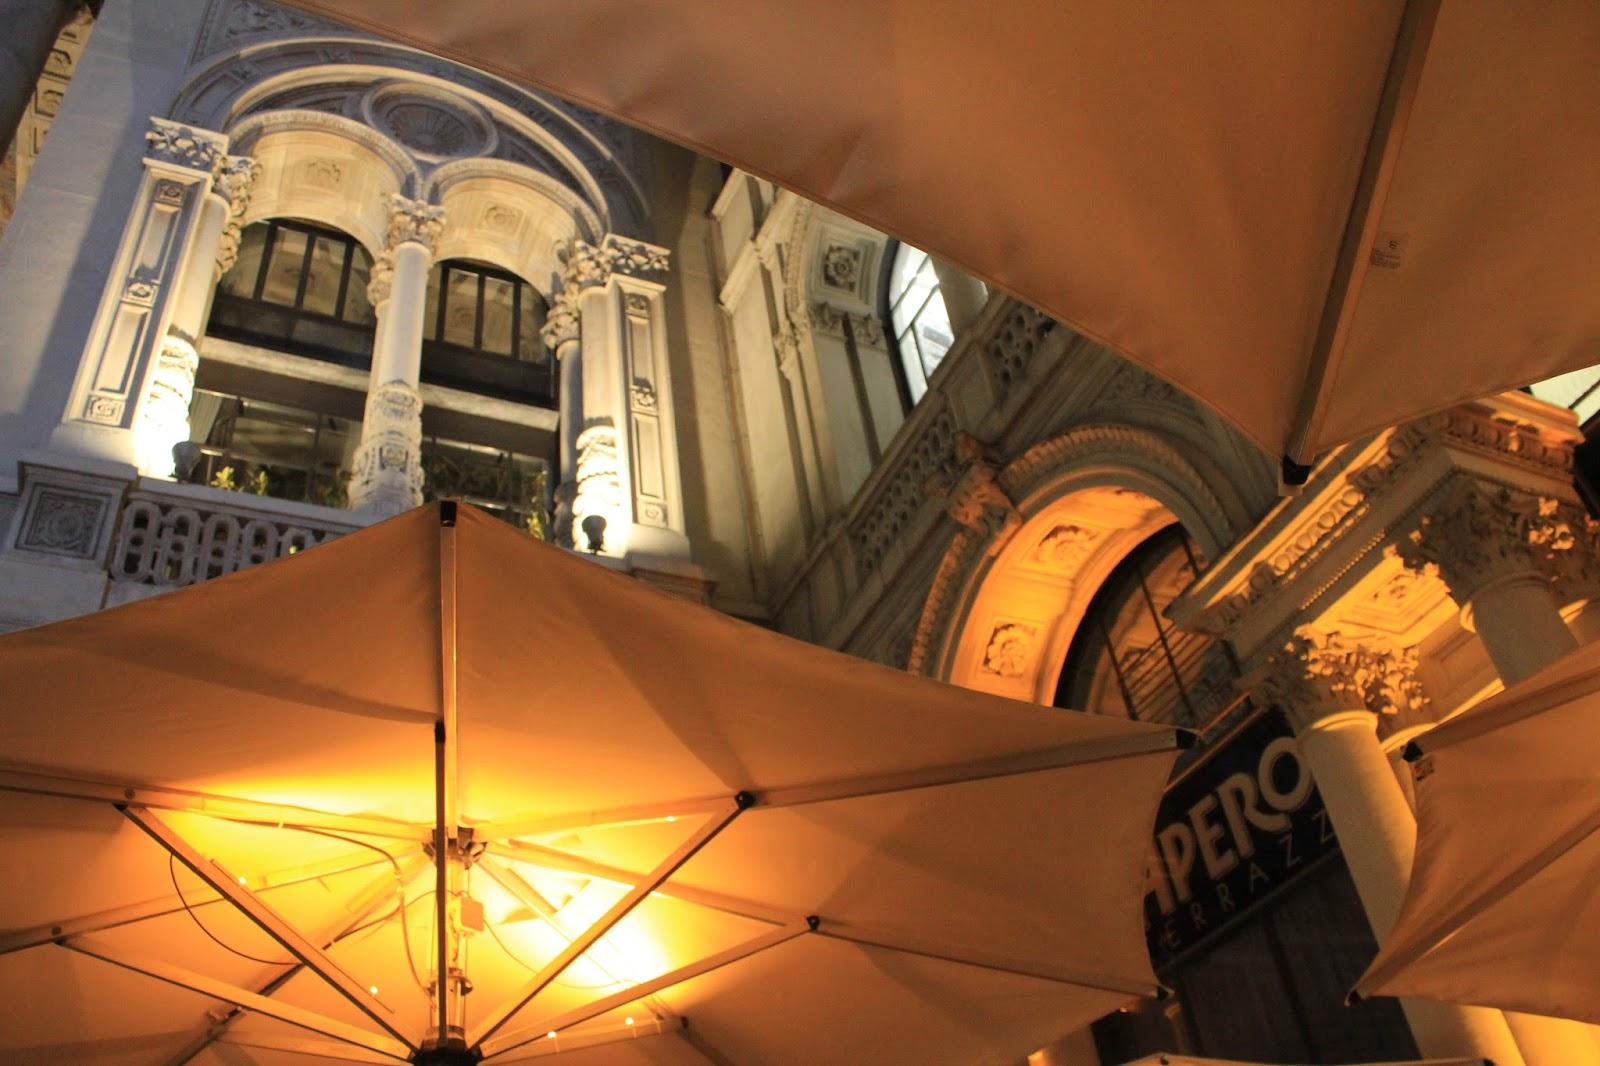 Milan S Aperol Bar Davey Granger